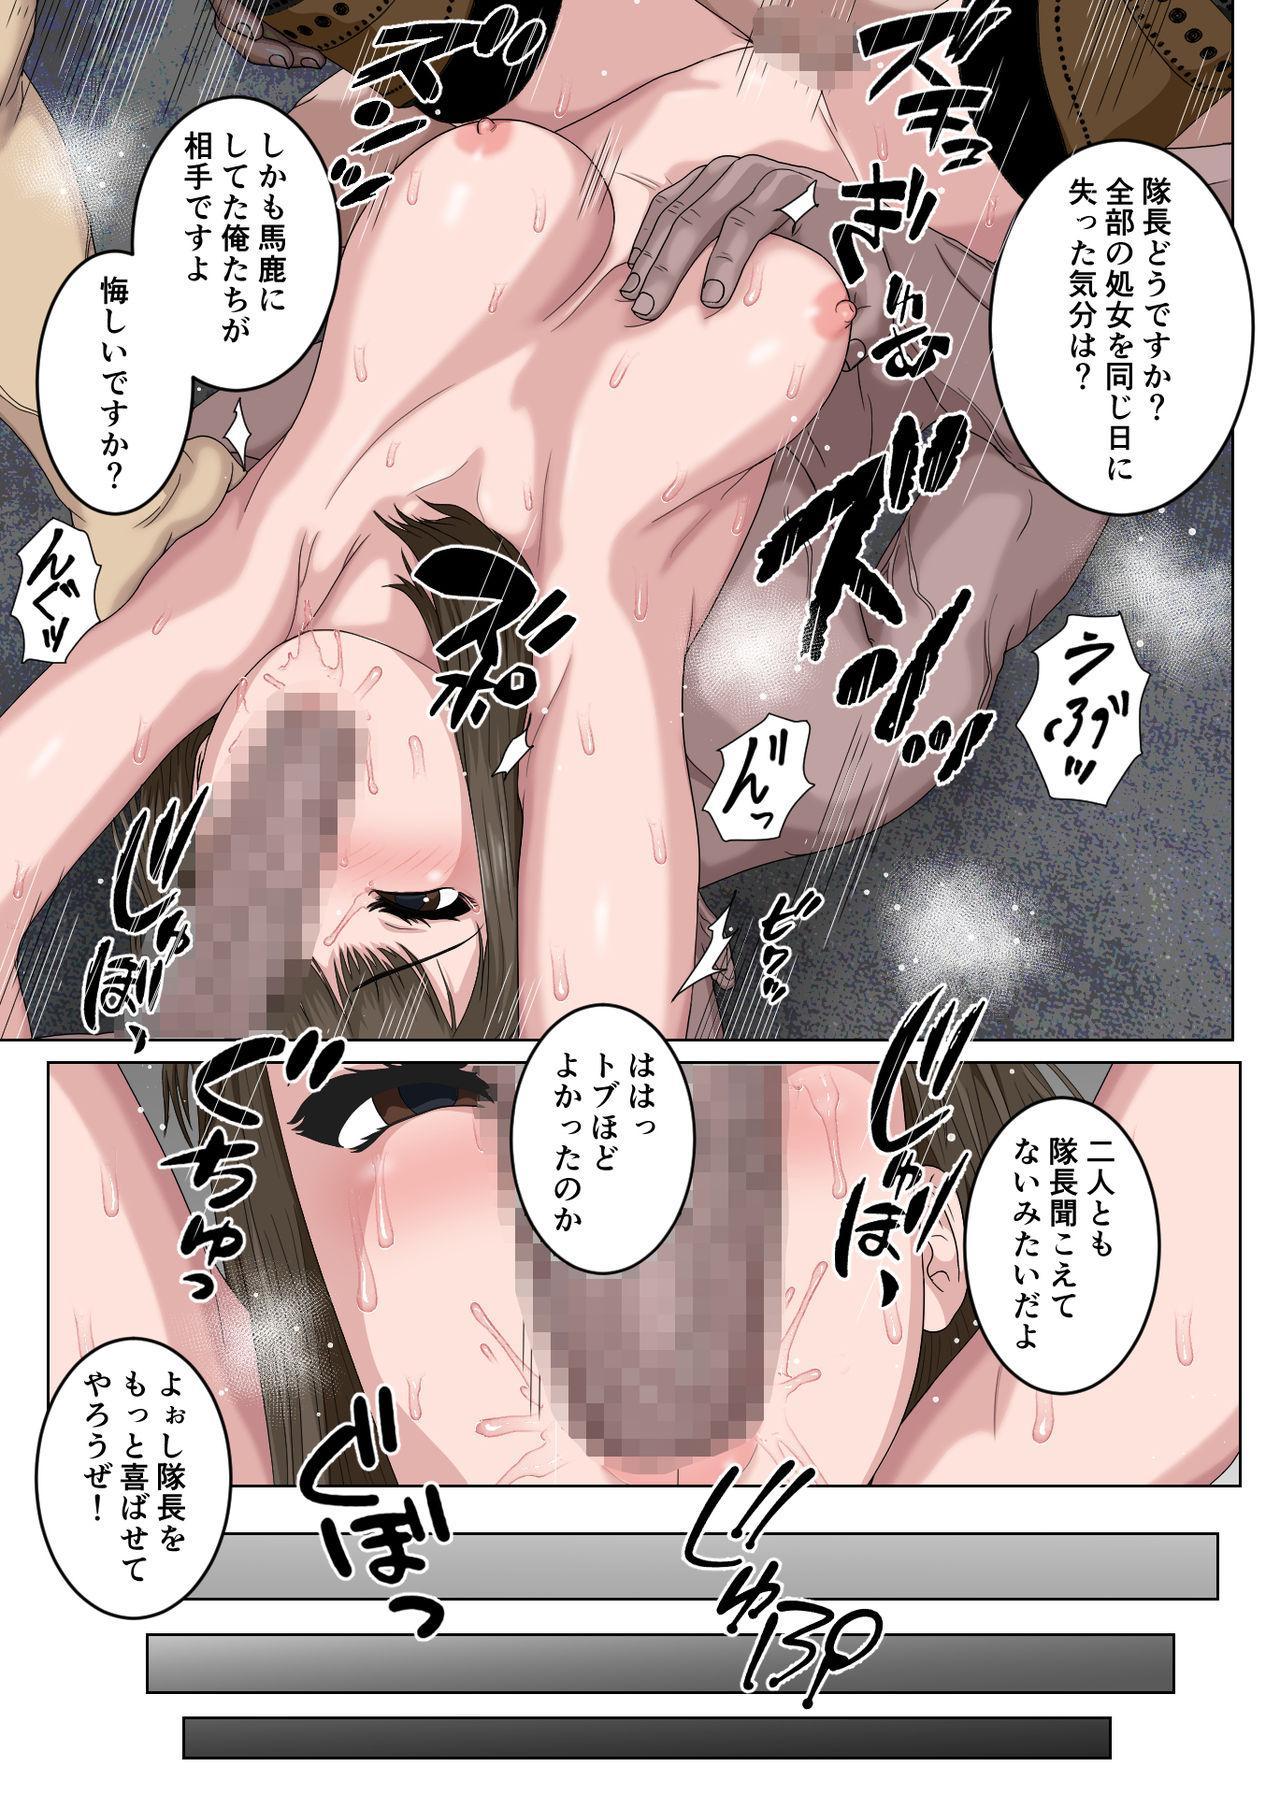 Namaiki na Onna Kishi Taichou ga Buka ni Gekokujou sarete Takusan Hidoi Me ni Au nante... 40